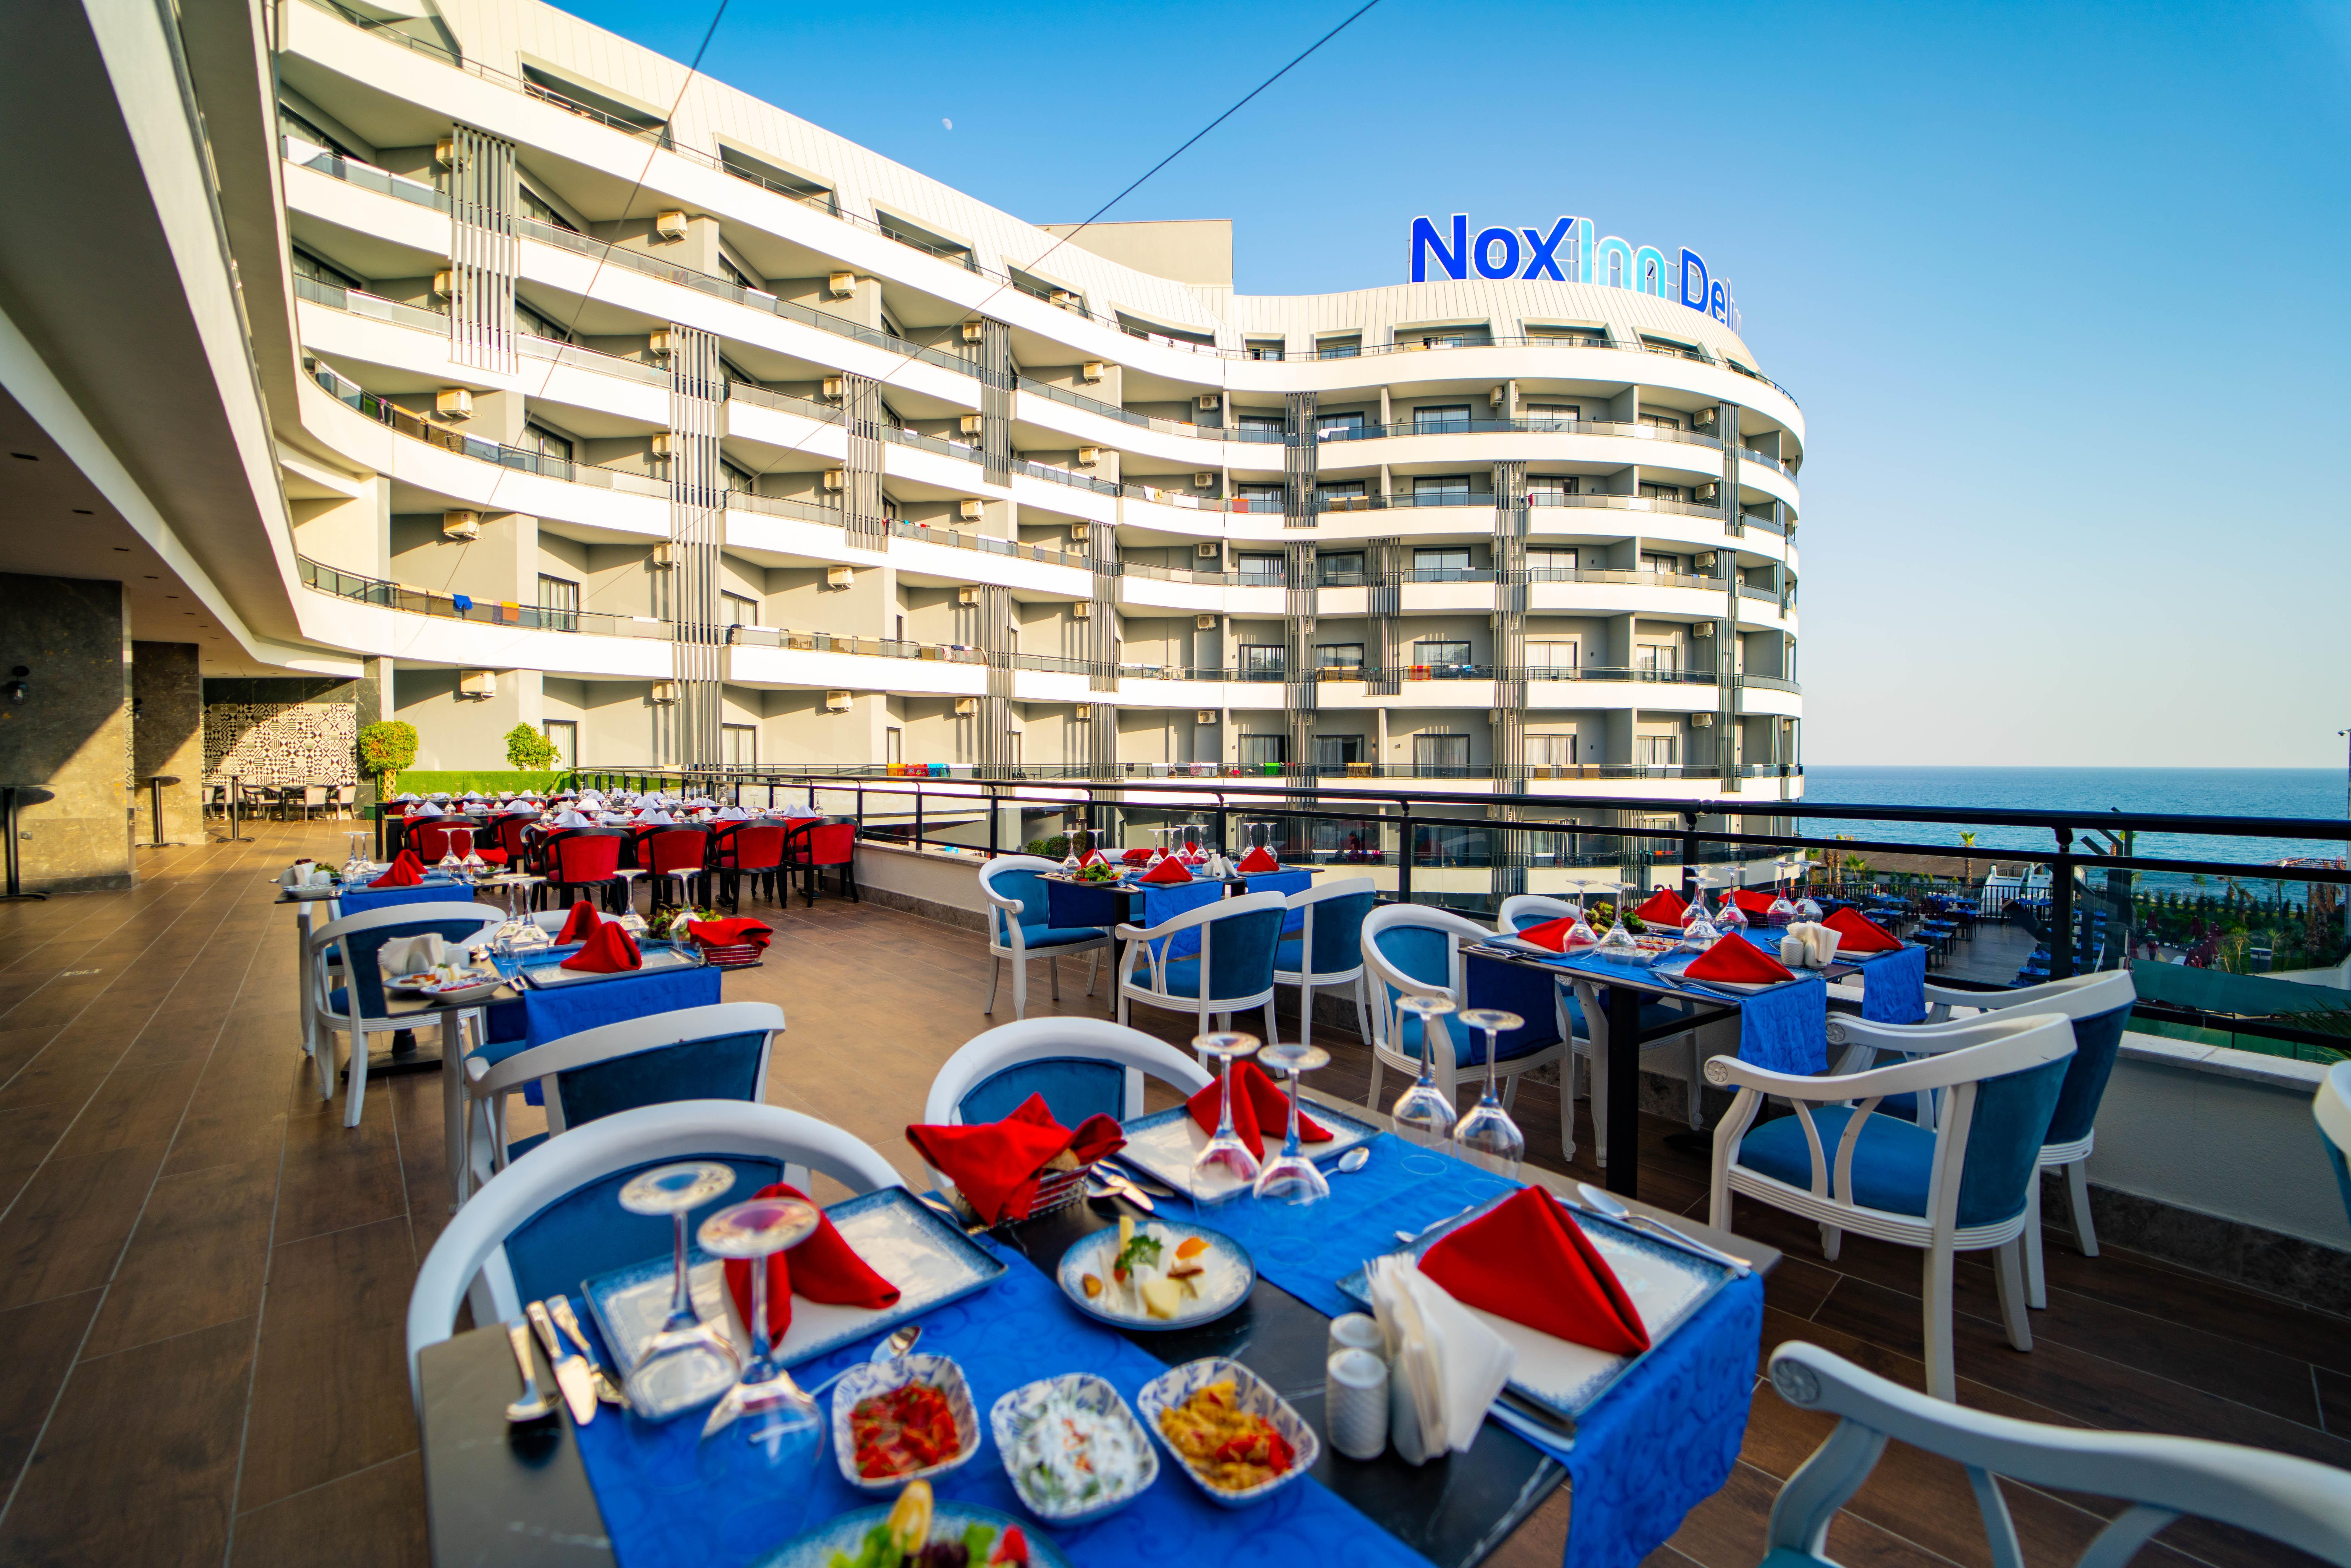 nox-inn-deluxe-hotel-genel-009